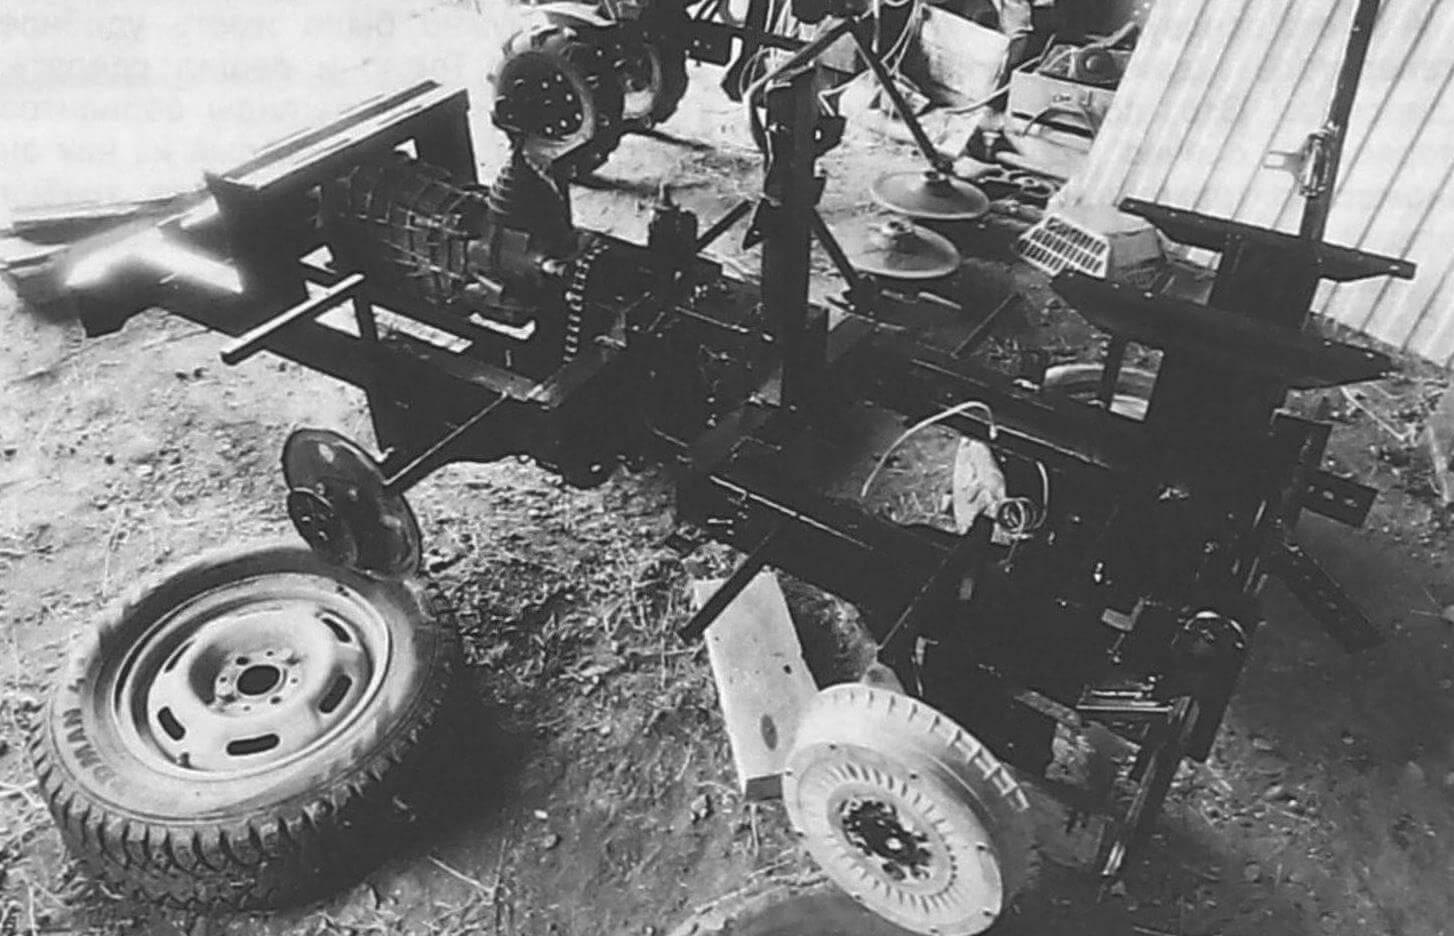 После успешных испытаний трактор был почти полностью разобран, детали рамы и кузова загрунтованы и покрашены